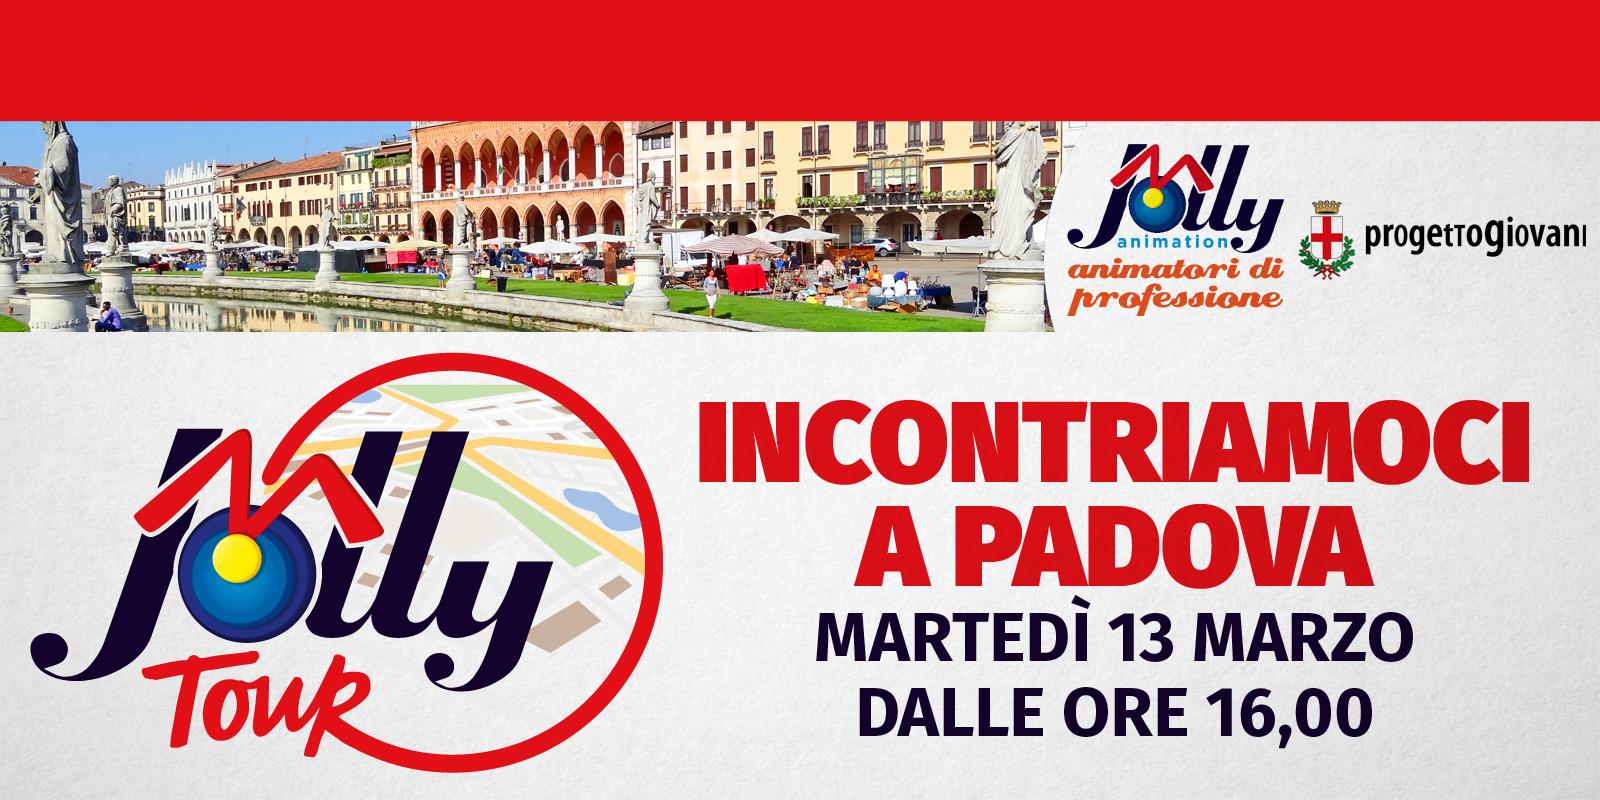 Selezioni Jolly Animation a Padova